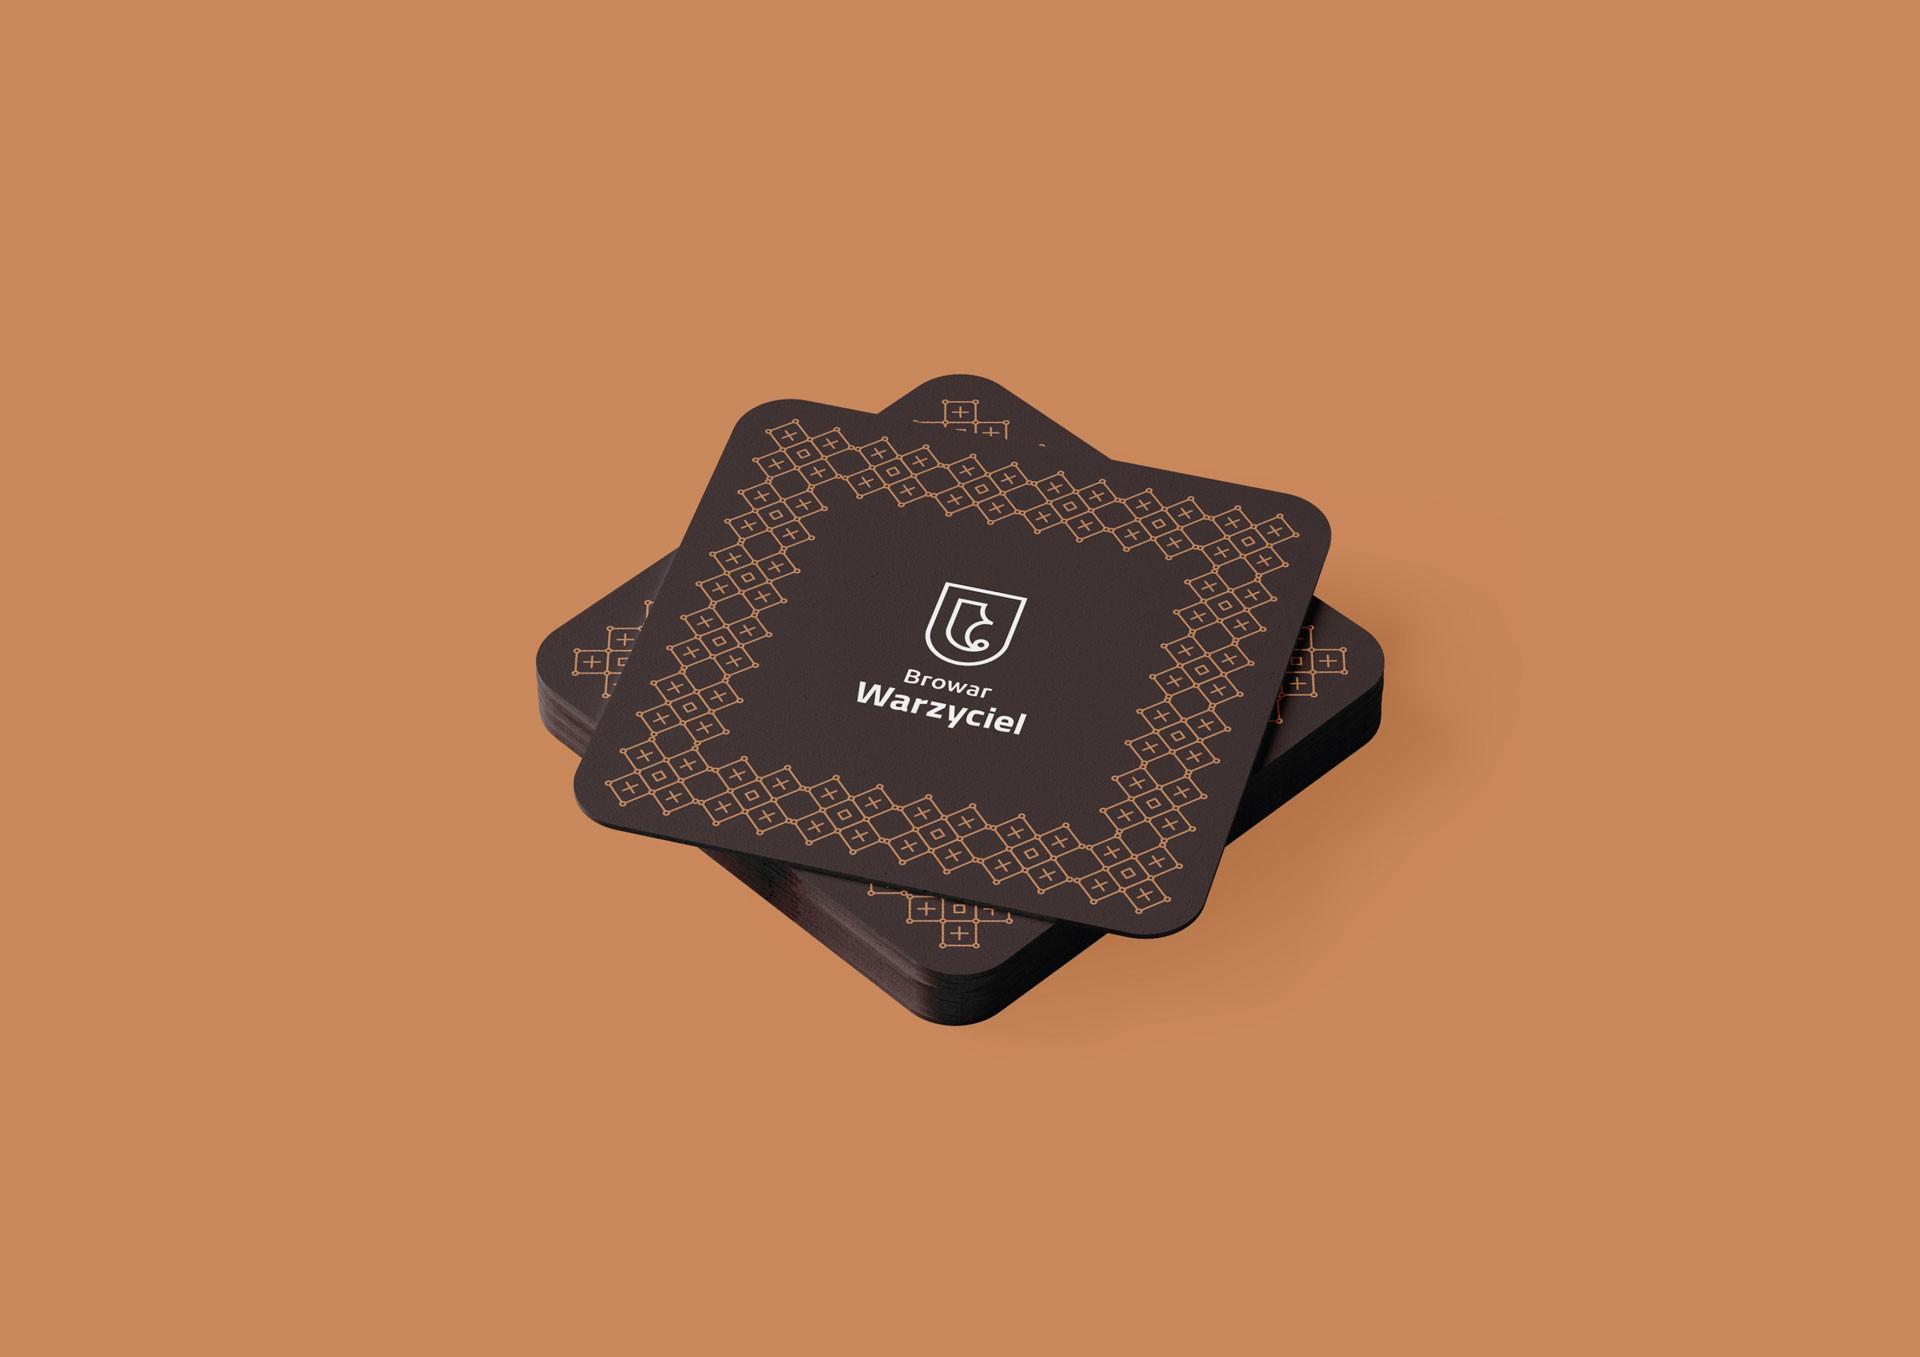 Proces projektowania logo browar warzyciel podkladka pod kufel